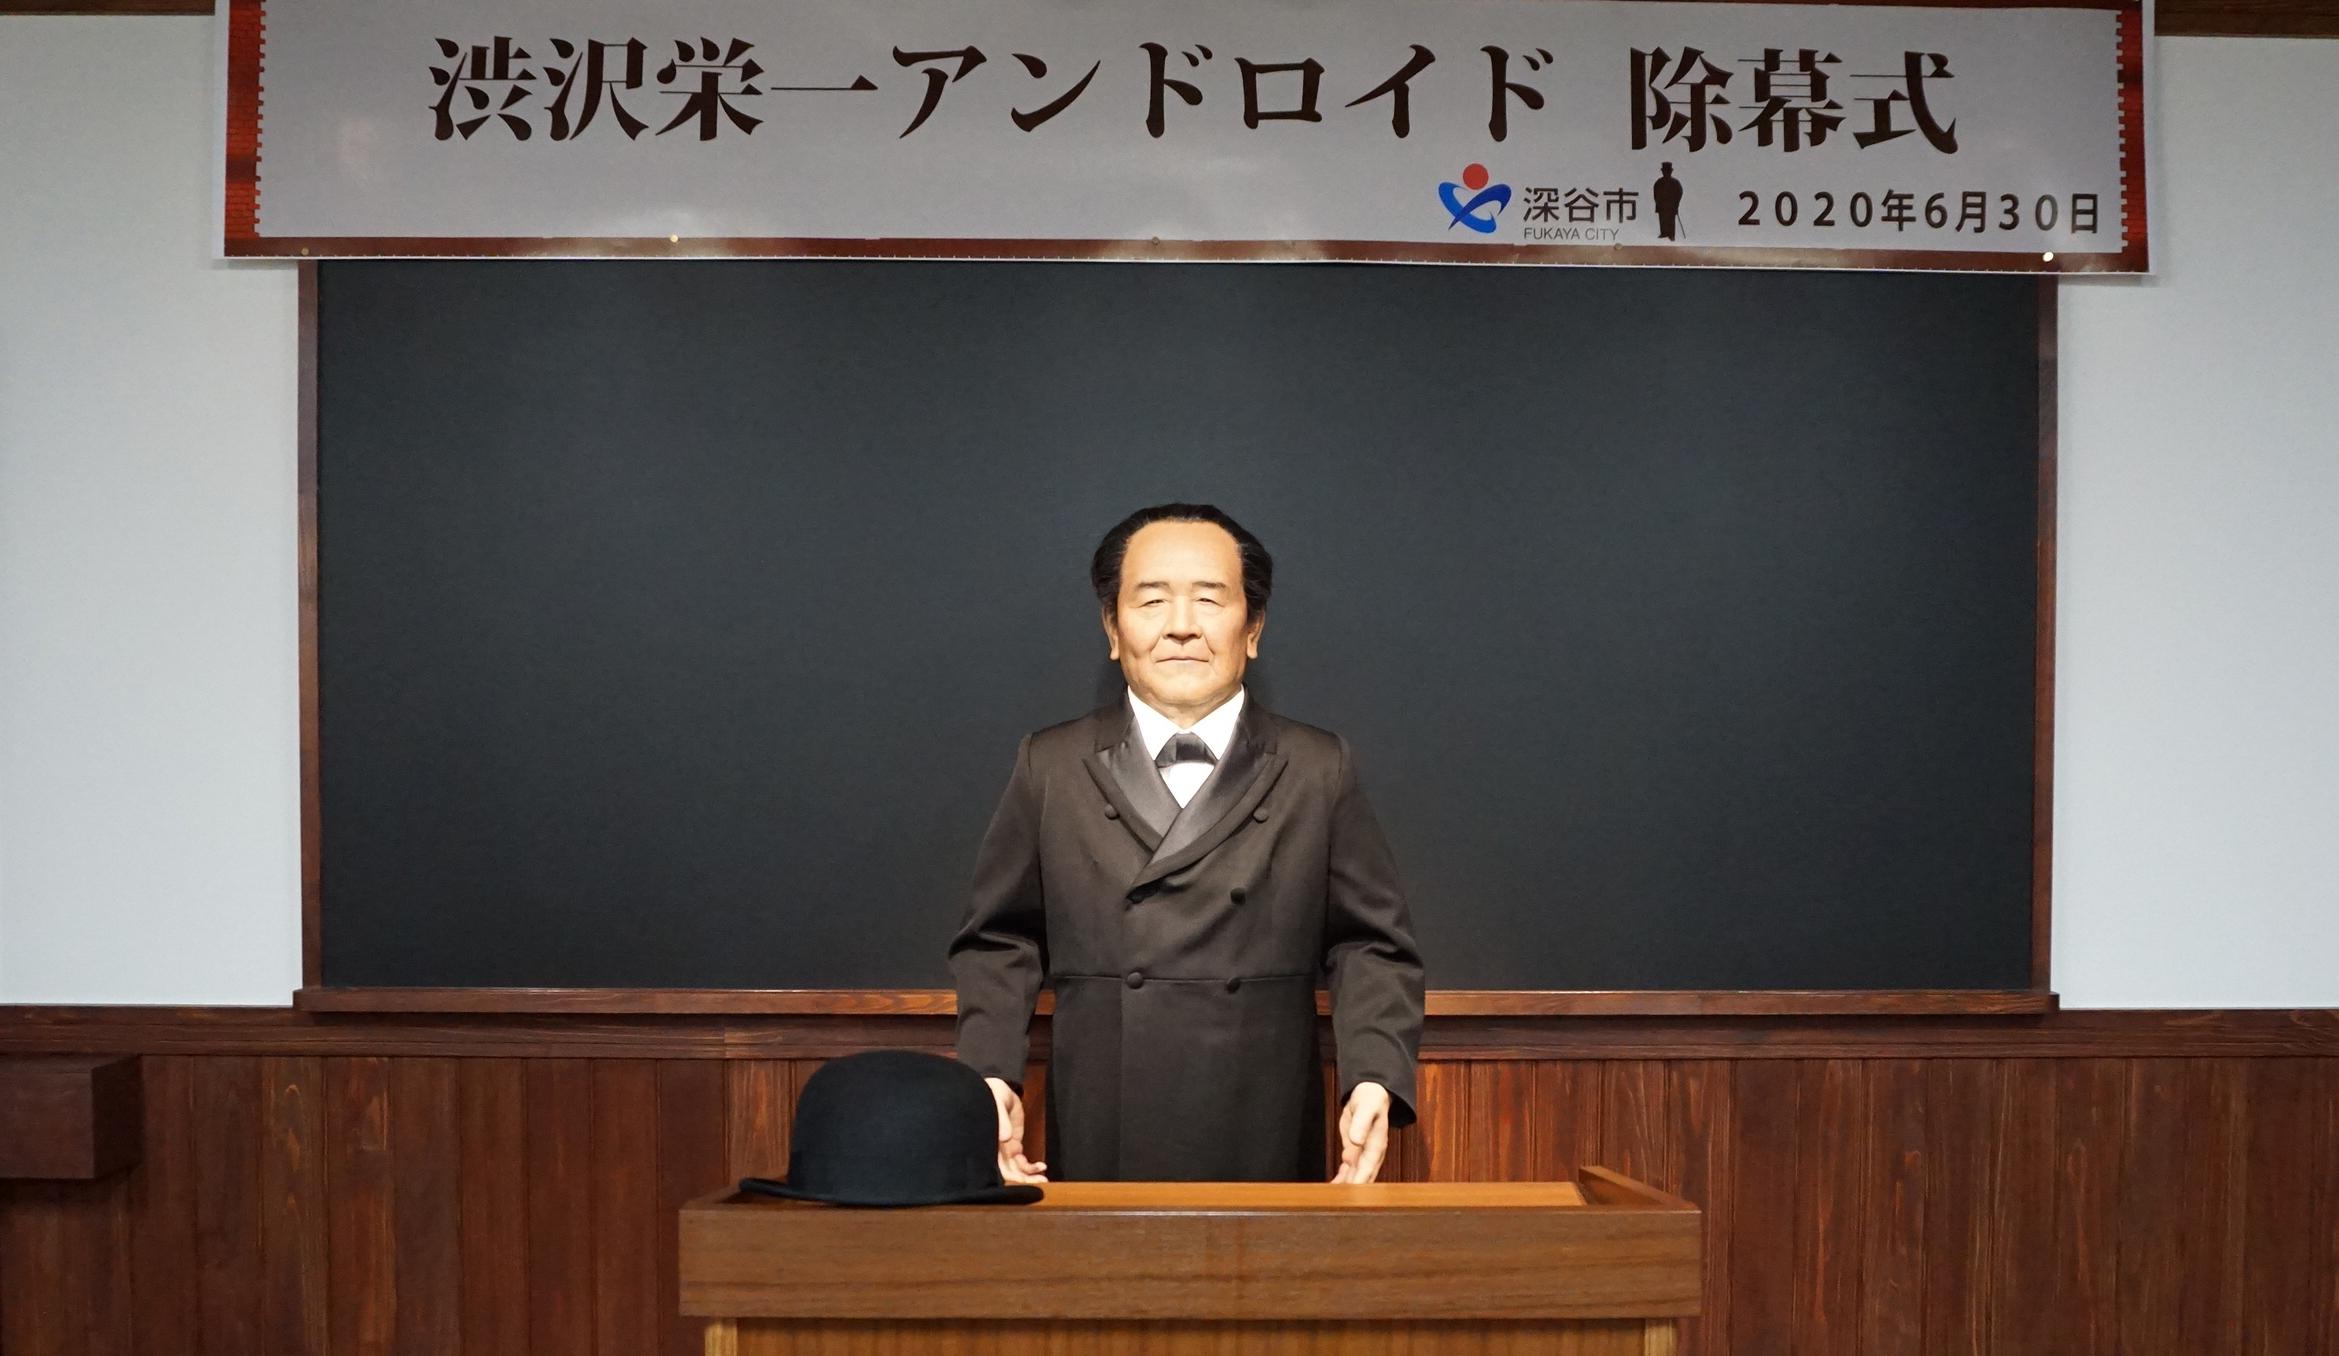 渋沢栄一アンドロイド(立位)除幕式開催